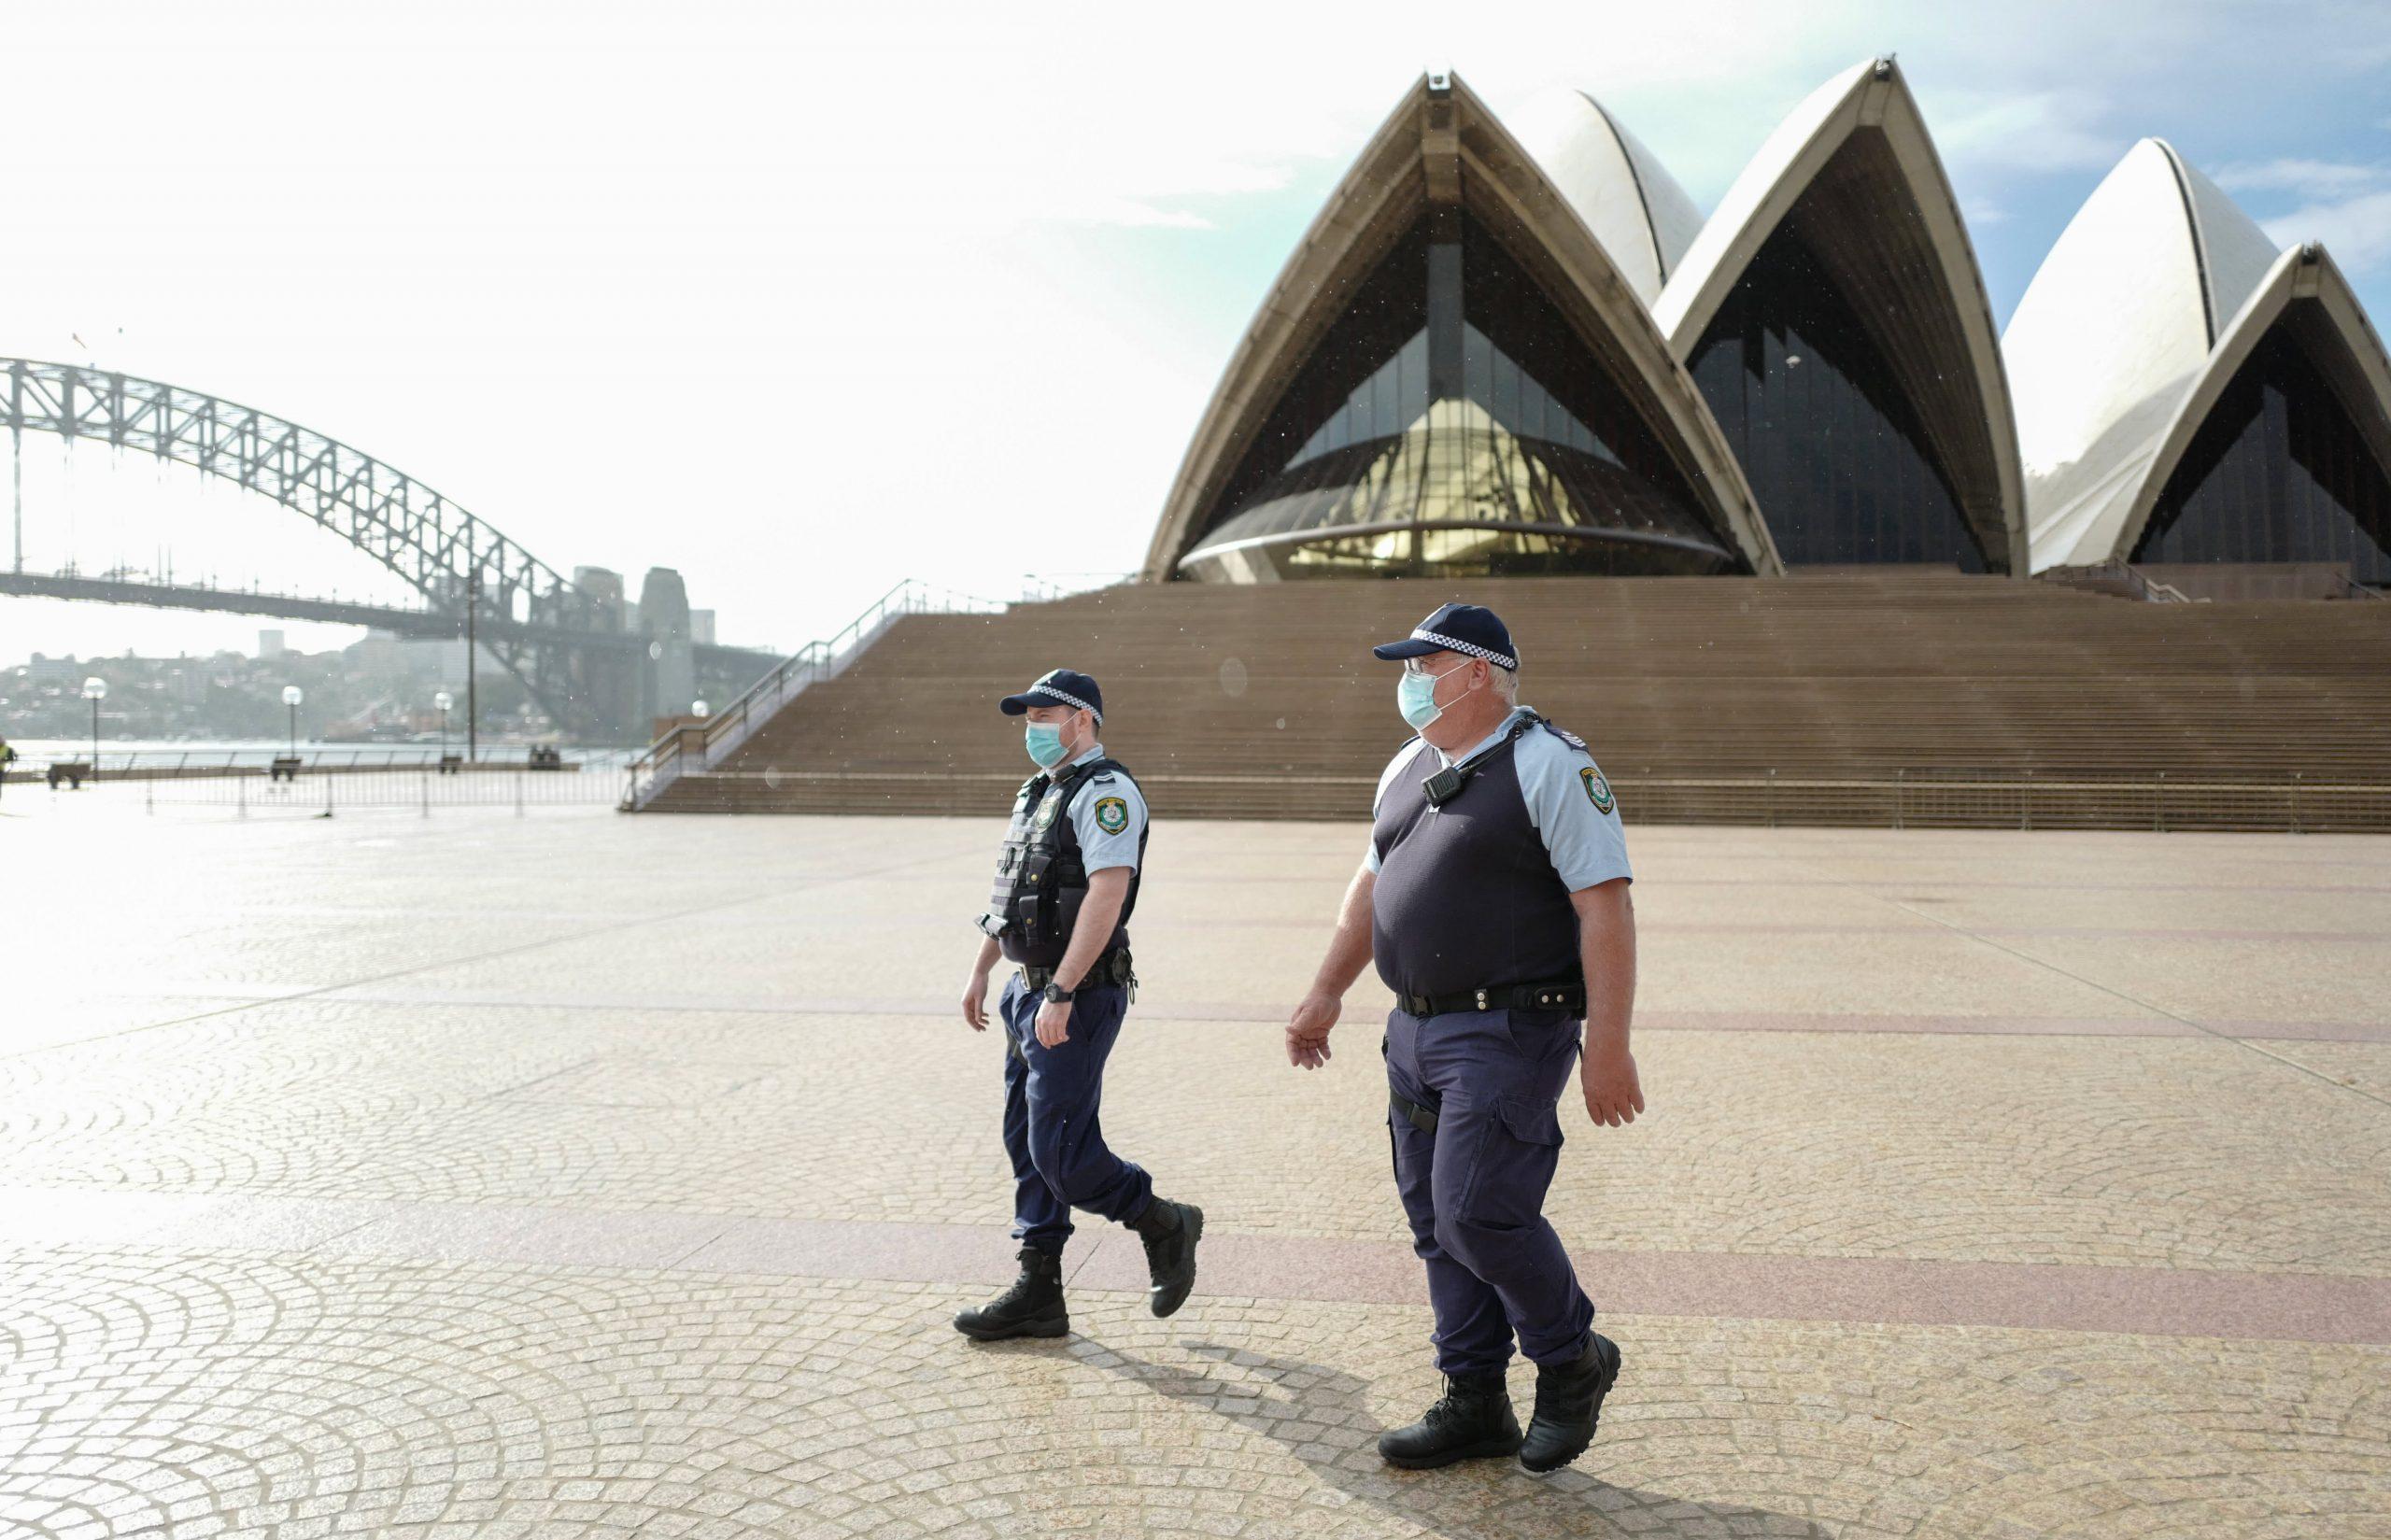 Australia warns Covid cases could continue to rise despite lockdown